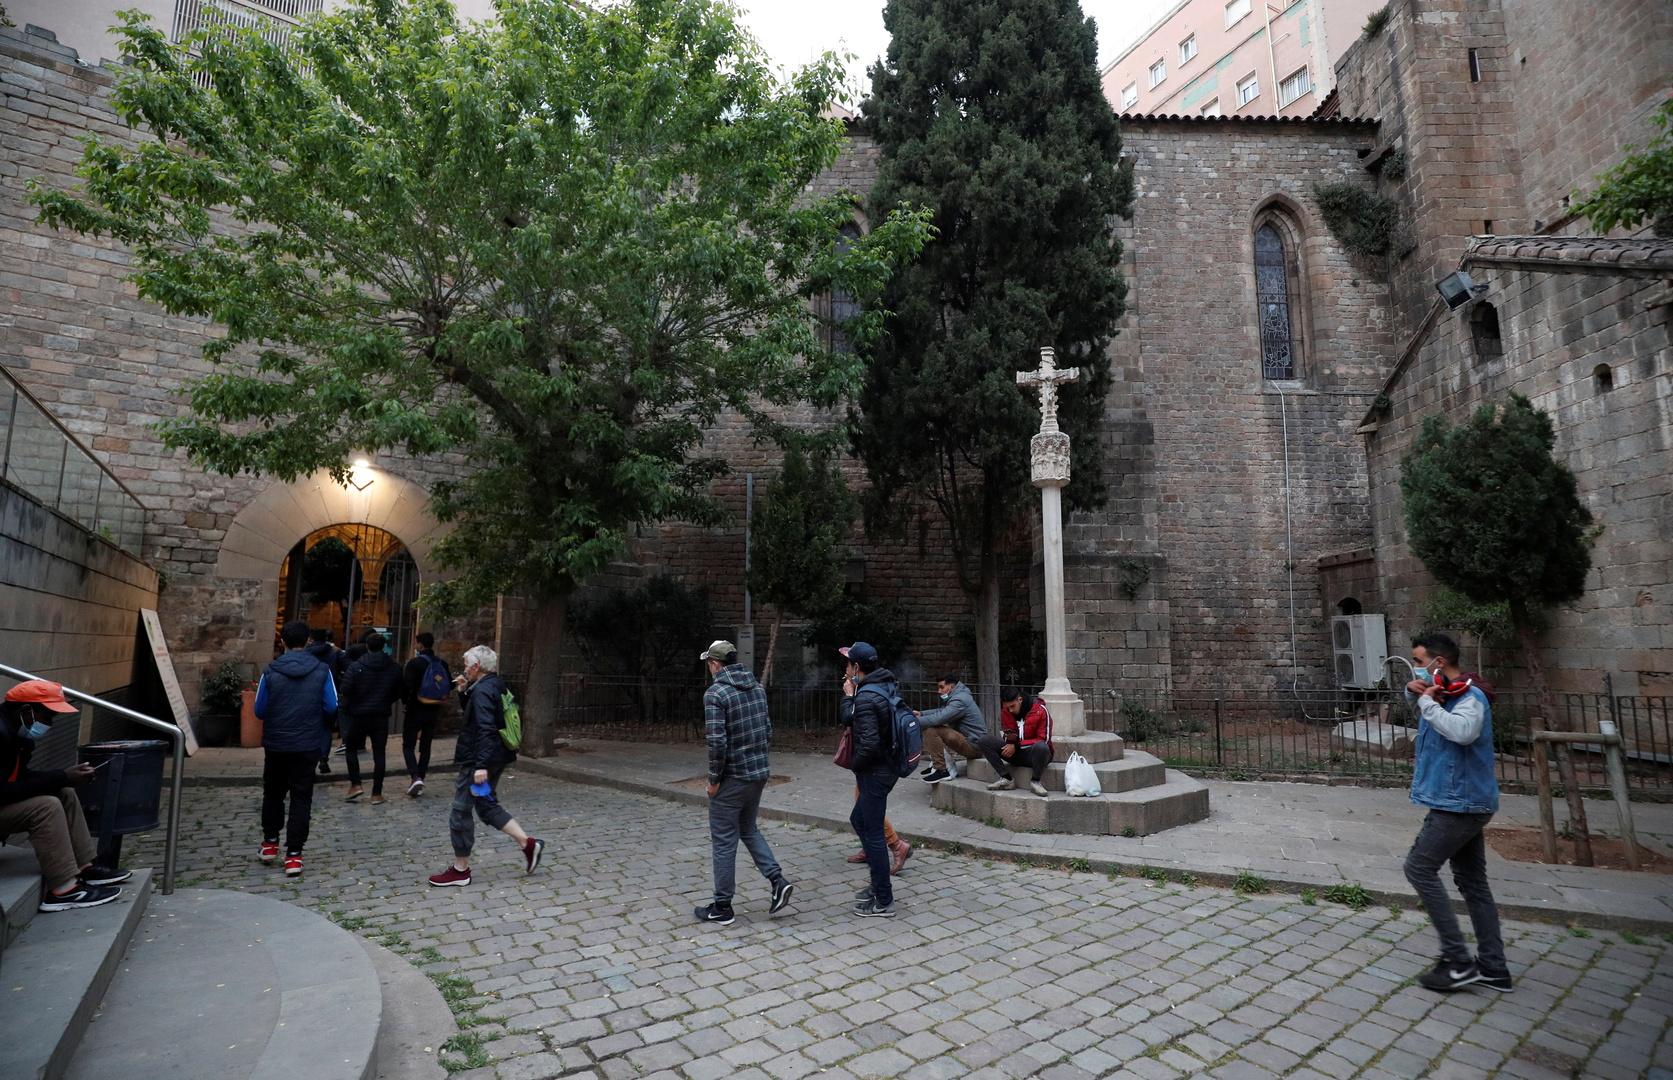 كنيسة كاثوليكية في برشلونة تفتح أبوابها أمام المسلمين لتناول الإفطار والصلاة خلال رمضان